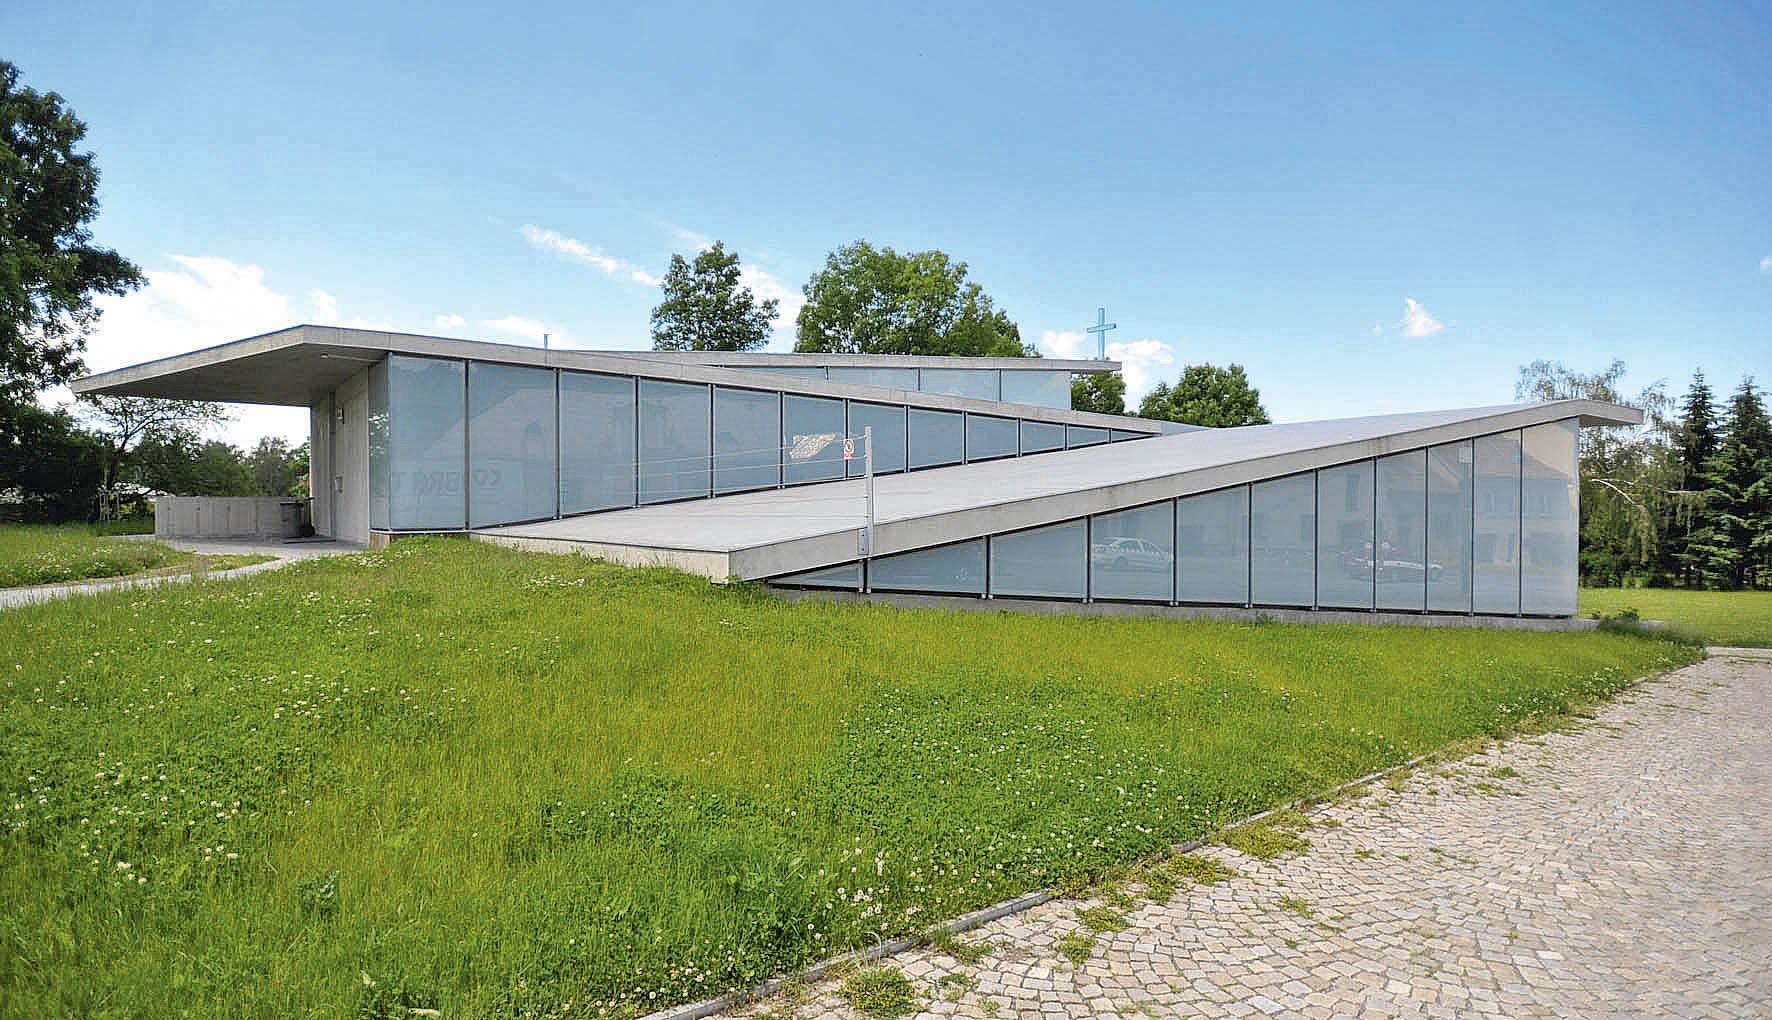 Vtěsném sousedství výpadovky změsta sezrodilo dílo, kterébylo nominované doprestižníarchitektonické soutěže Mies van der Rohe Award vBarceloně.